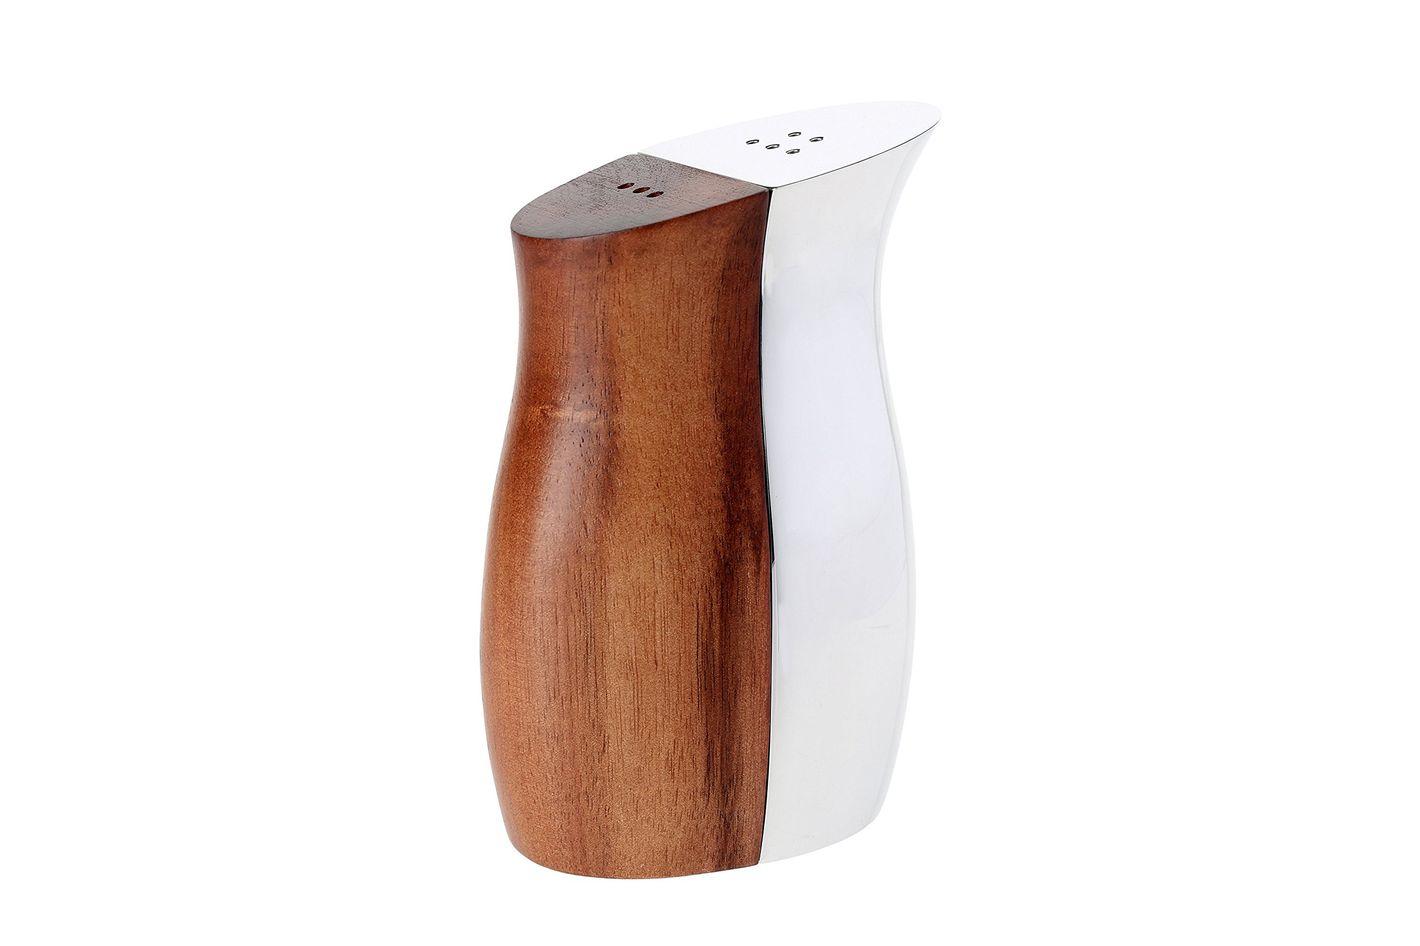 Nambe Cradle Salt & Pepper Shaker